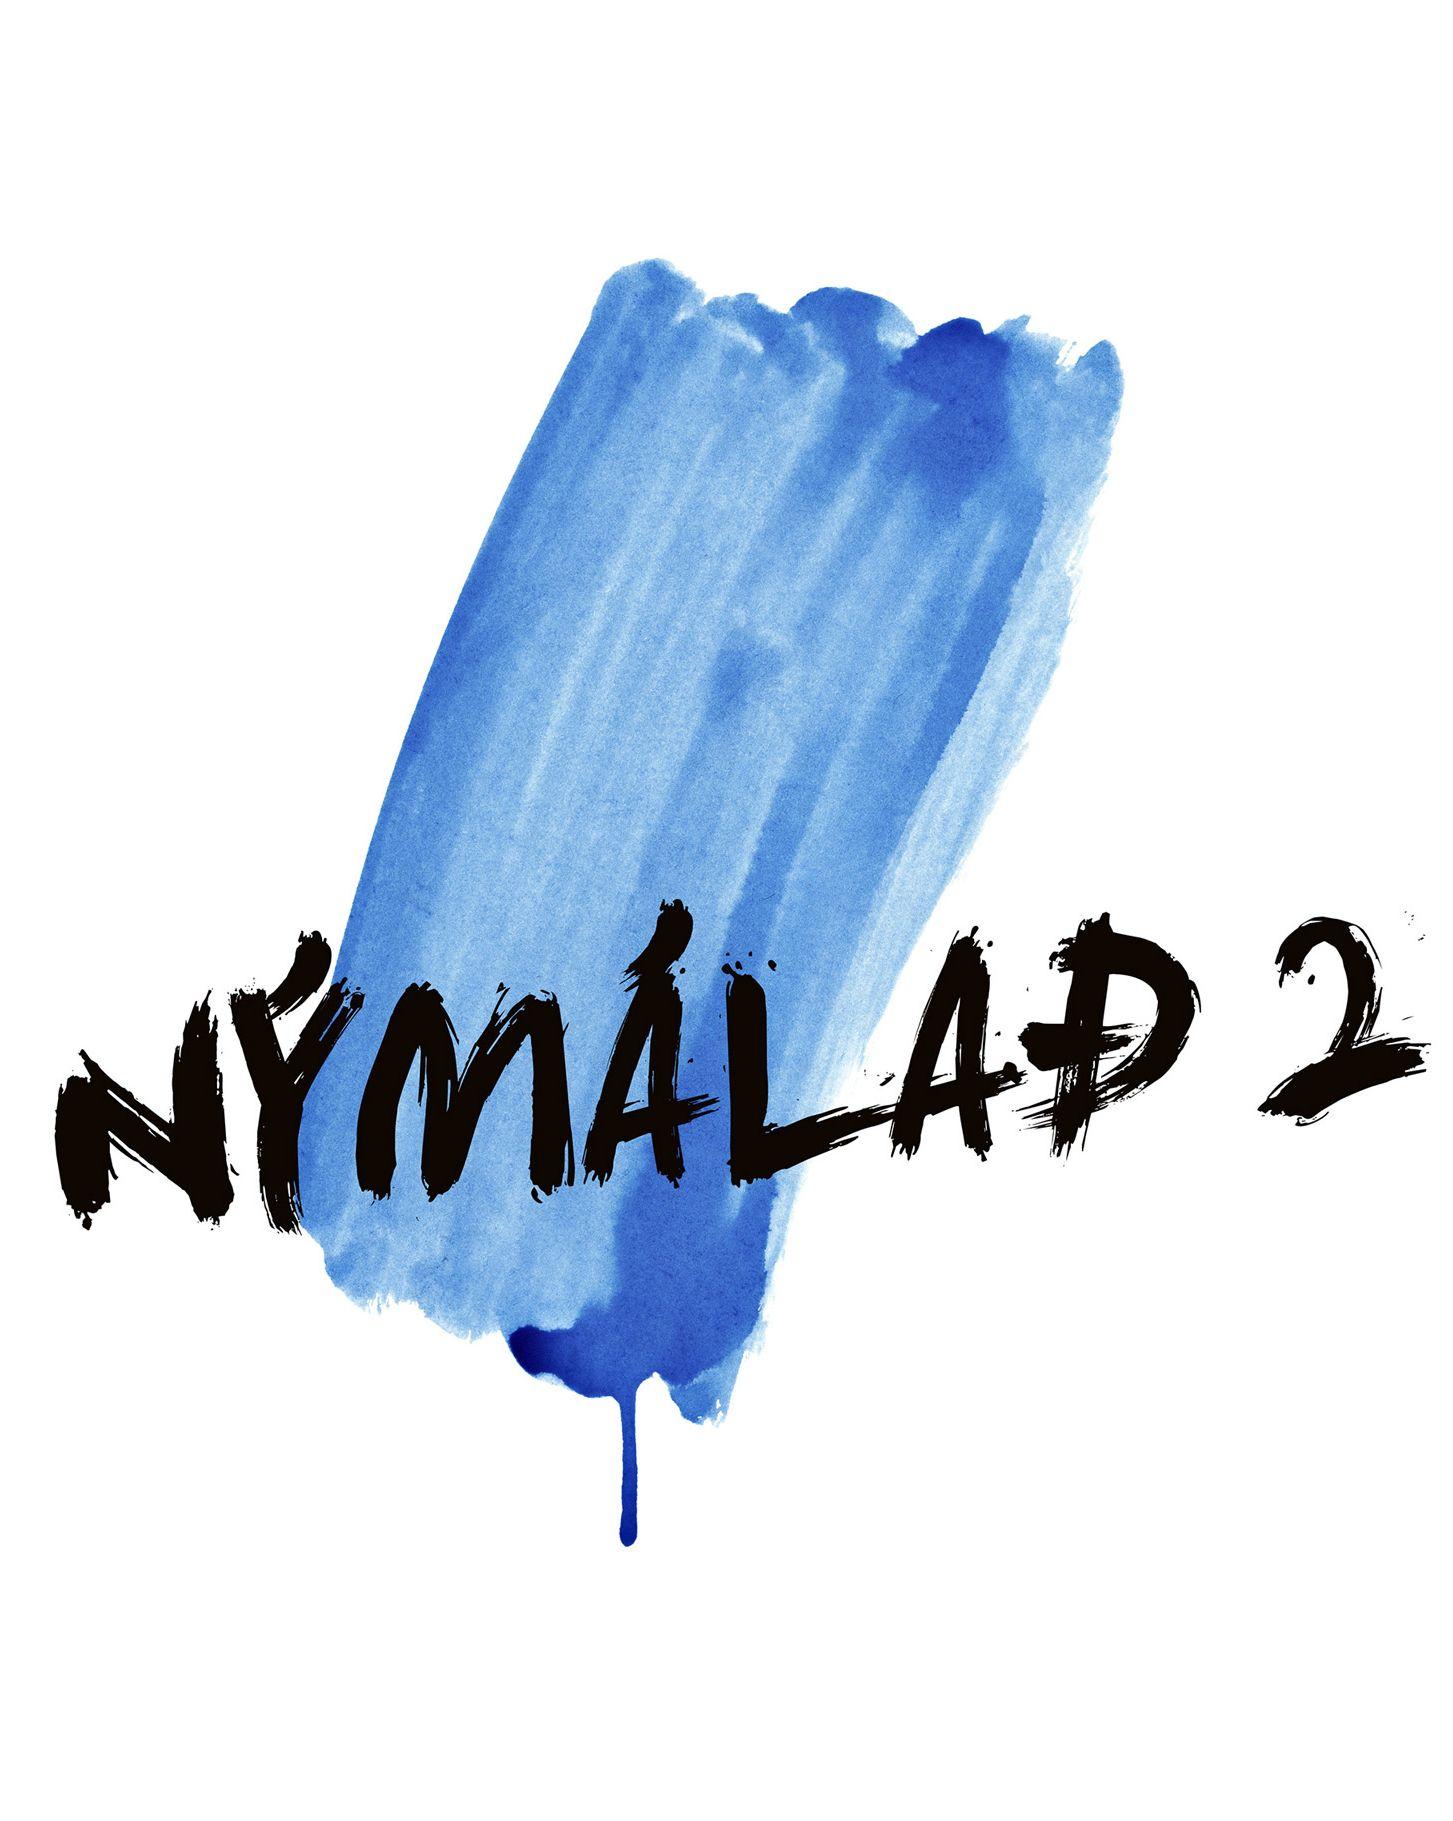 Nýmálað 2